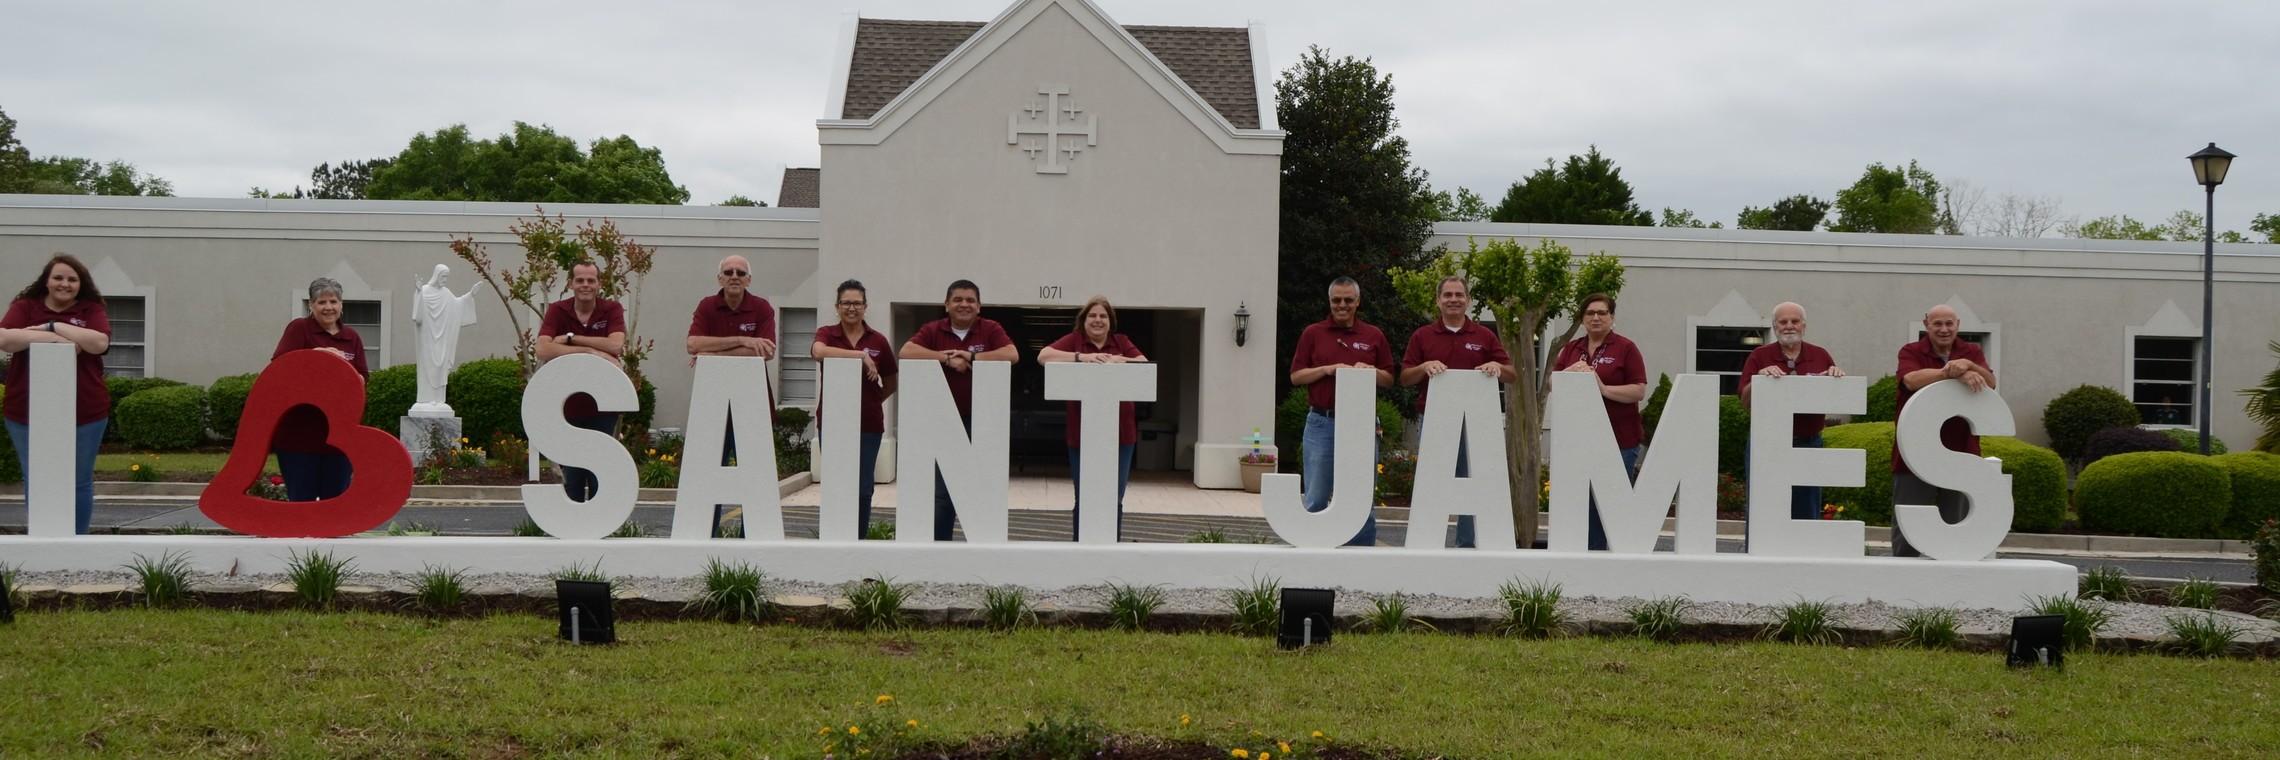 """Staff Photo """"I Love St. James"""""""